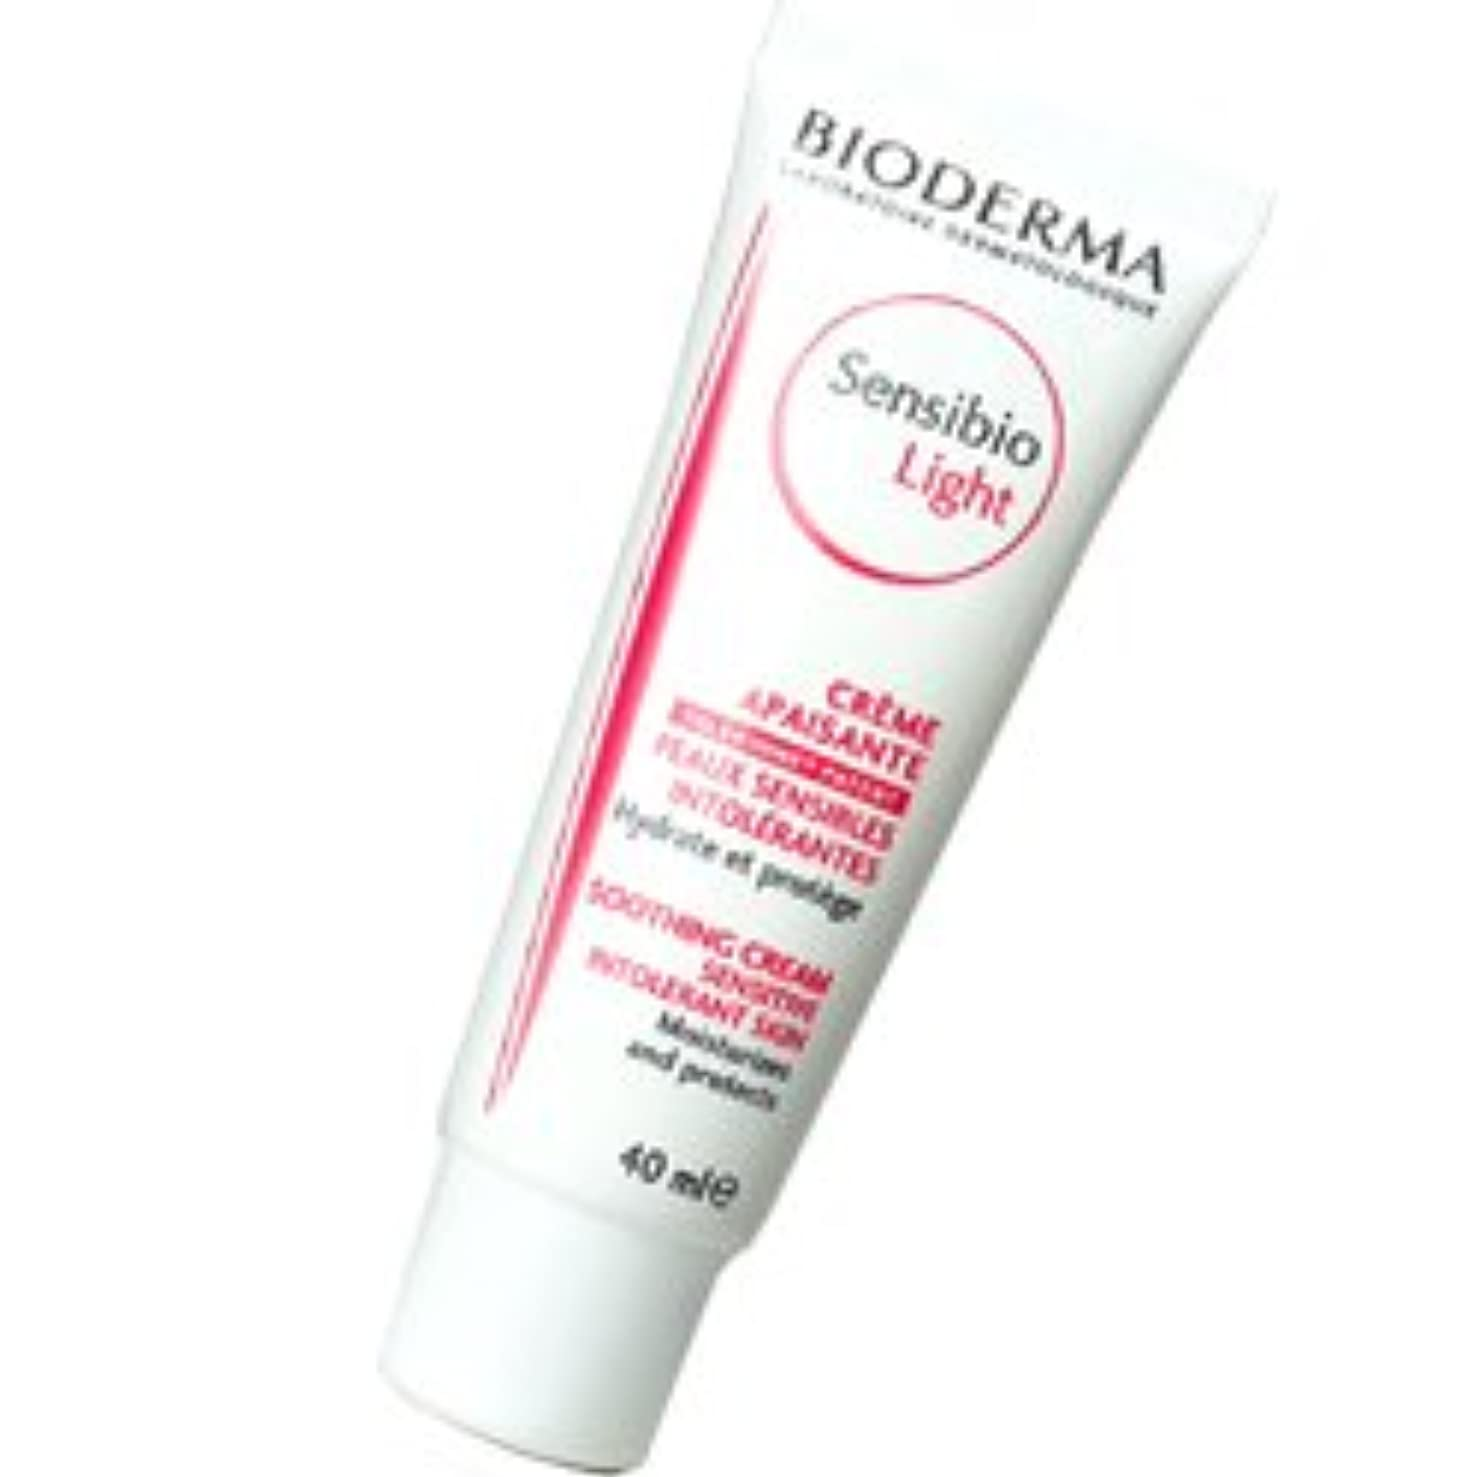 やろう成長召集するビオデルマ BIODERMA サンシビオ ライトクリーム 40g 【並行輸入品】